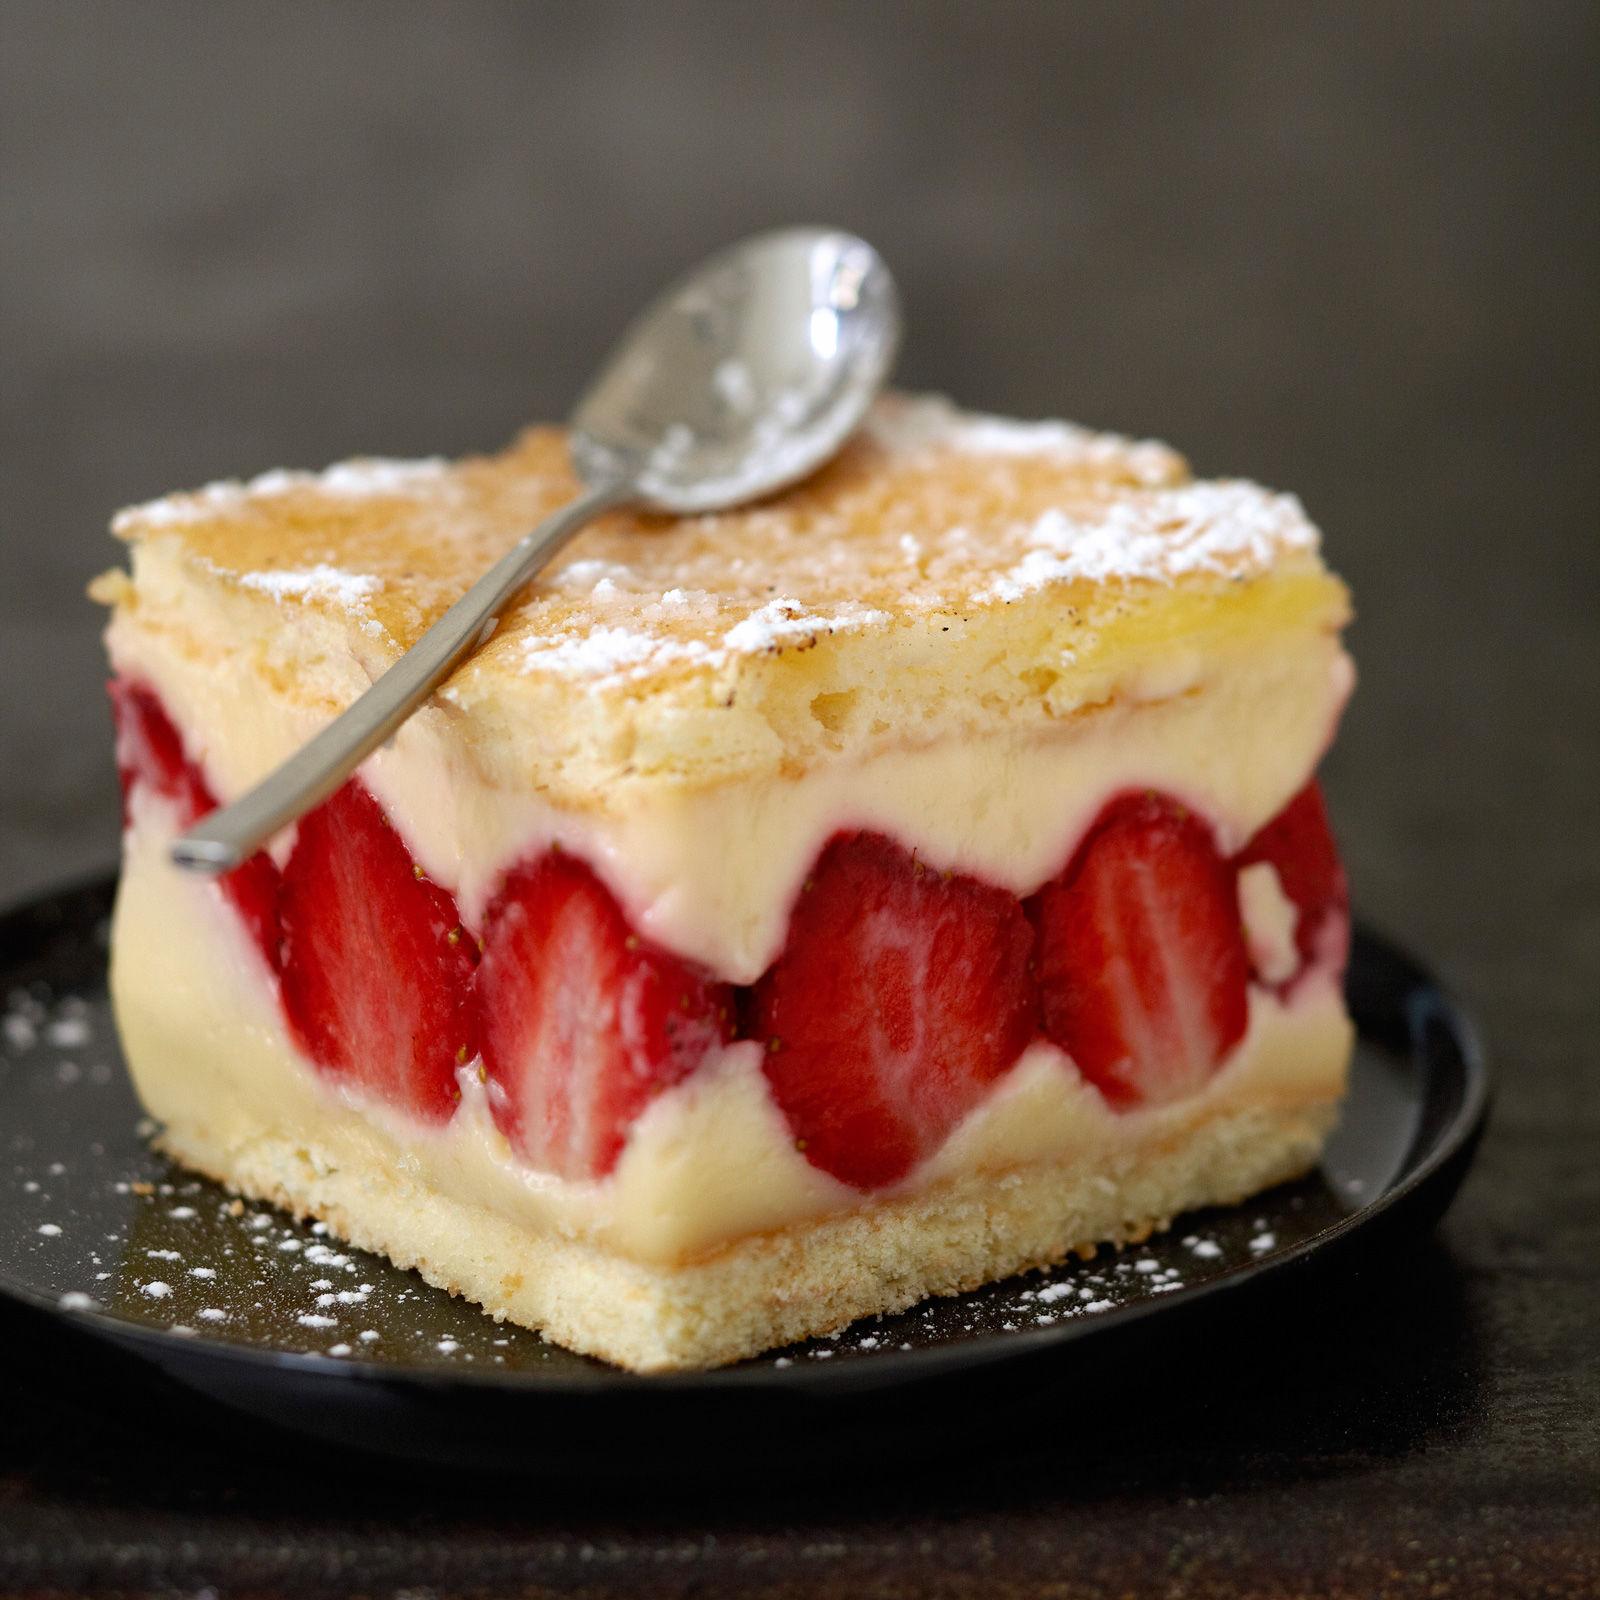 Recette fraisier comment r ussir tous les coups ce d licieux dessert - Quel fraisier choisir ...